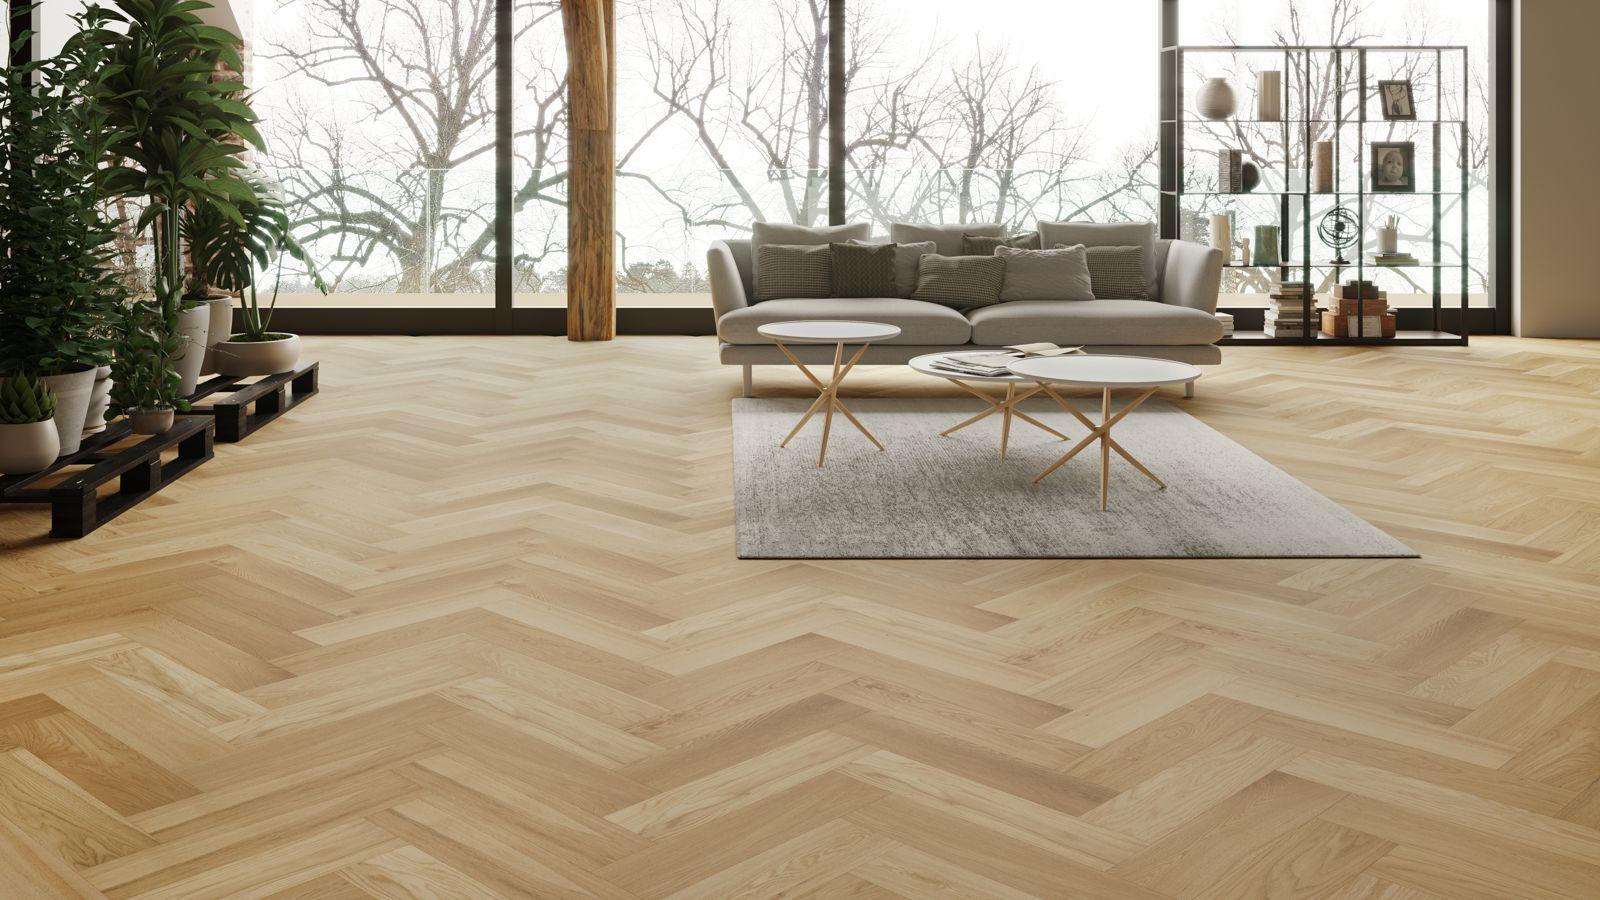 Parquet Flooring | Parquet | Flooringsupplies.co.uk